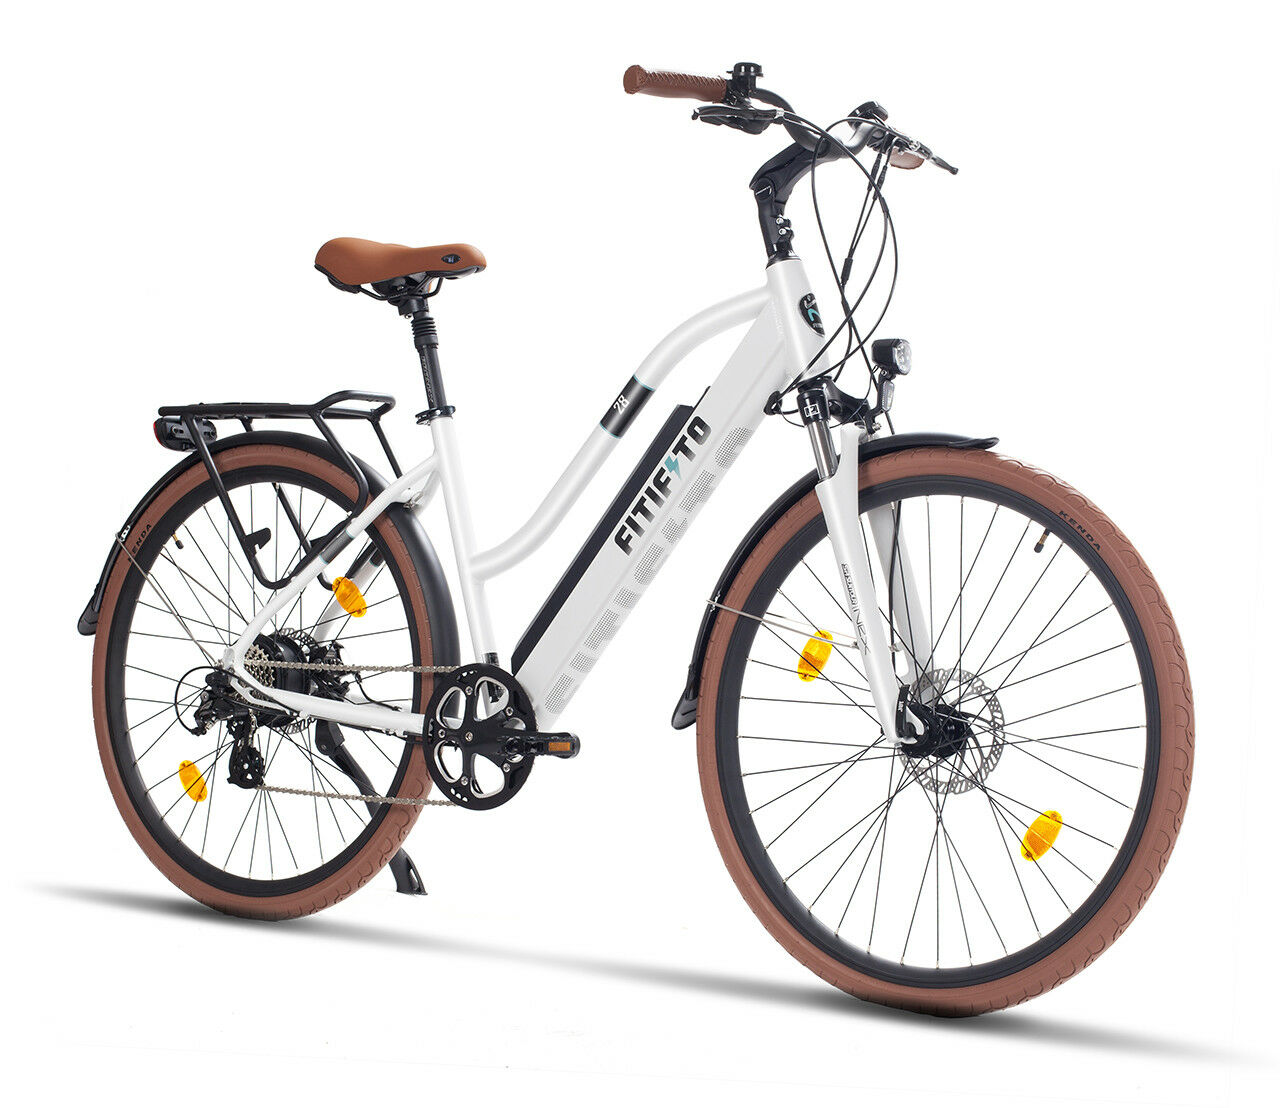 Gasgriff für Elektro-Citybike 26 Elektrofahrrad E-Bike Pedelek Ebike  P Elektrofahrräder